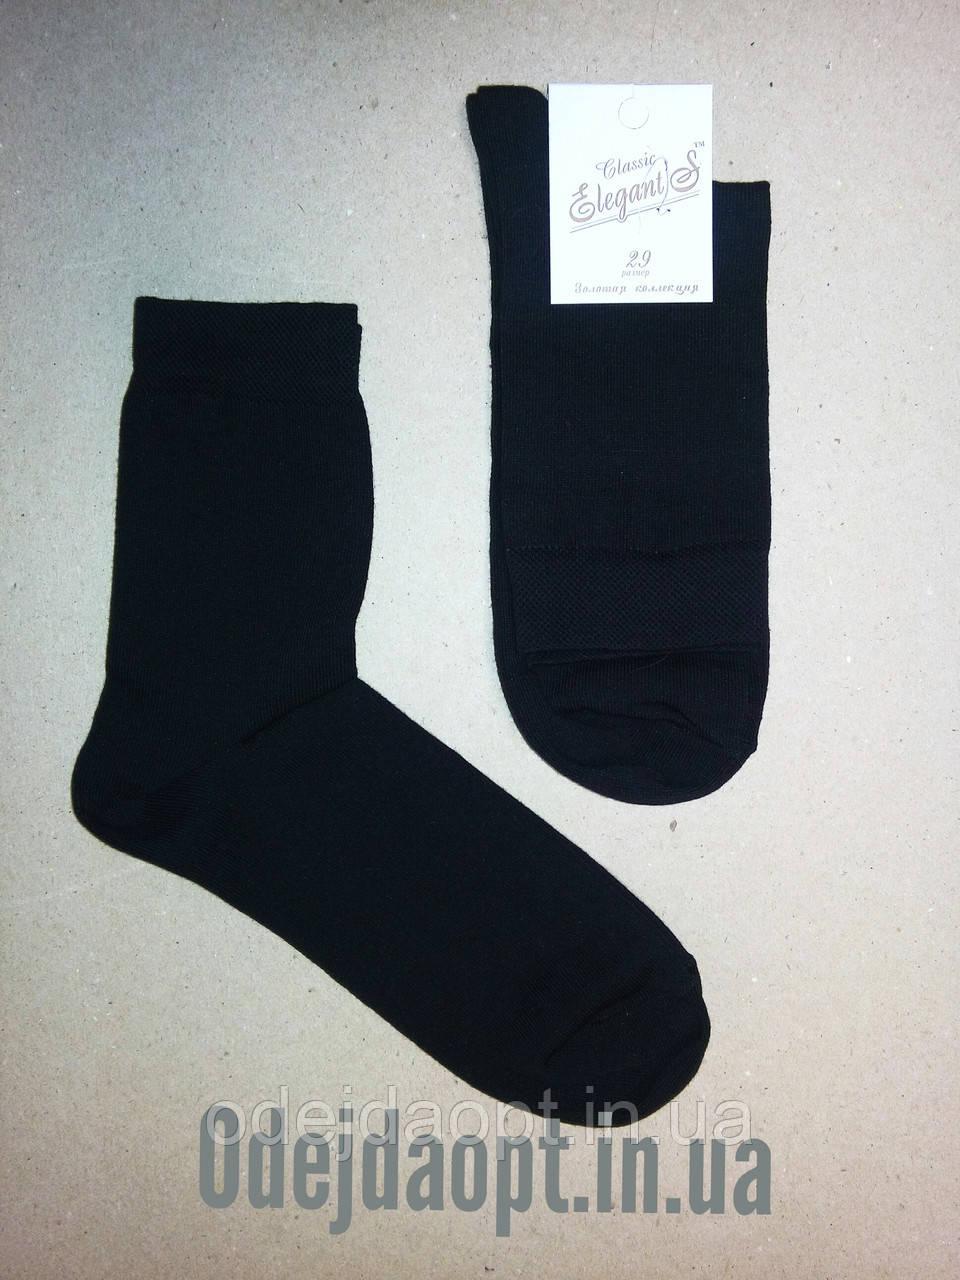 Чоловічі шкарпетки 25,27,29